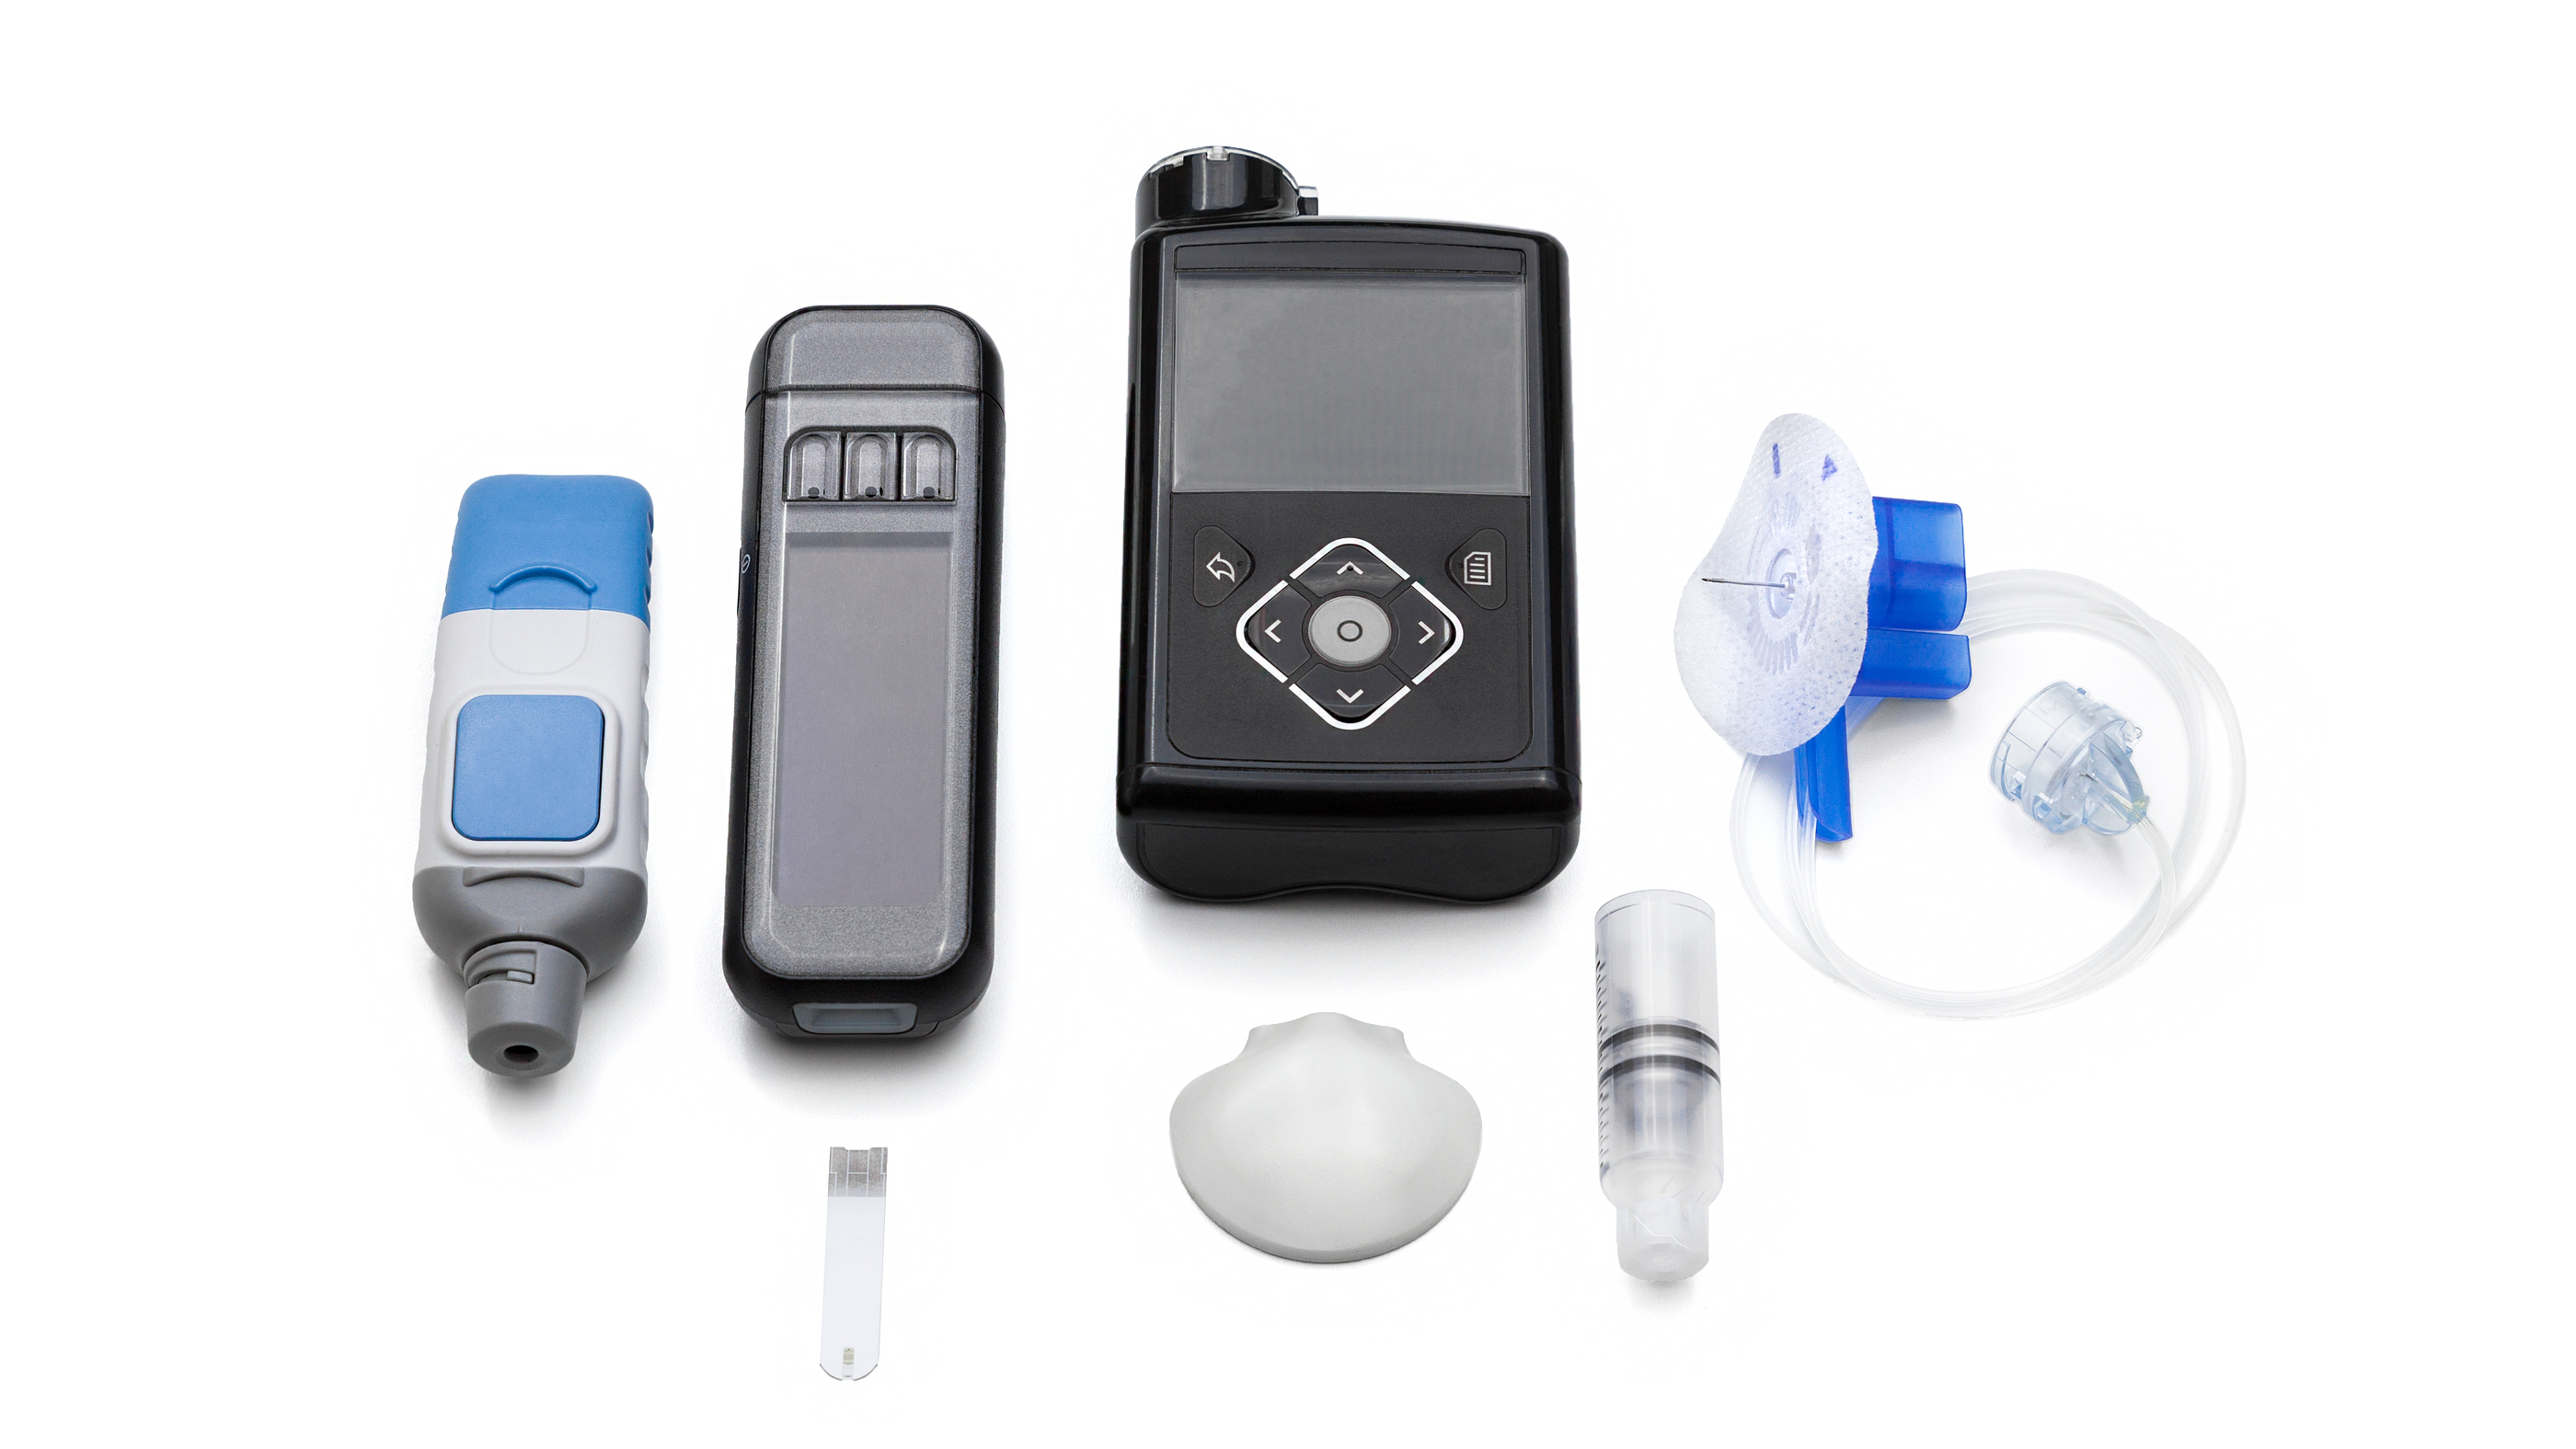 Diabetic accessories